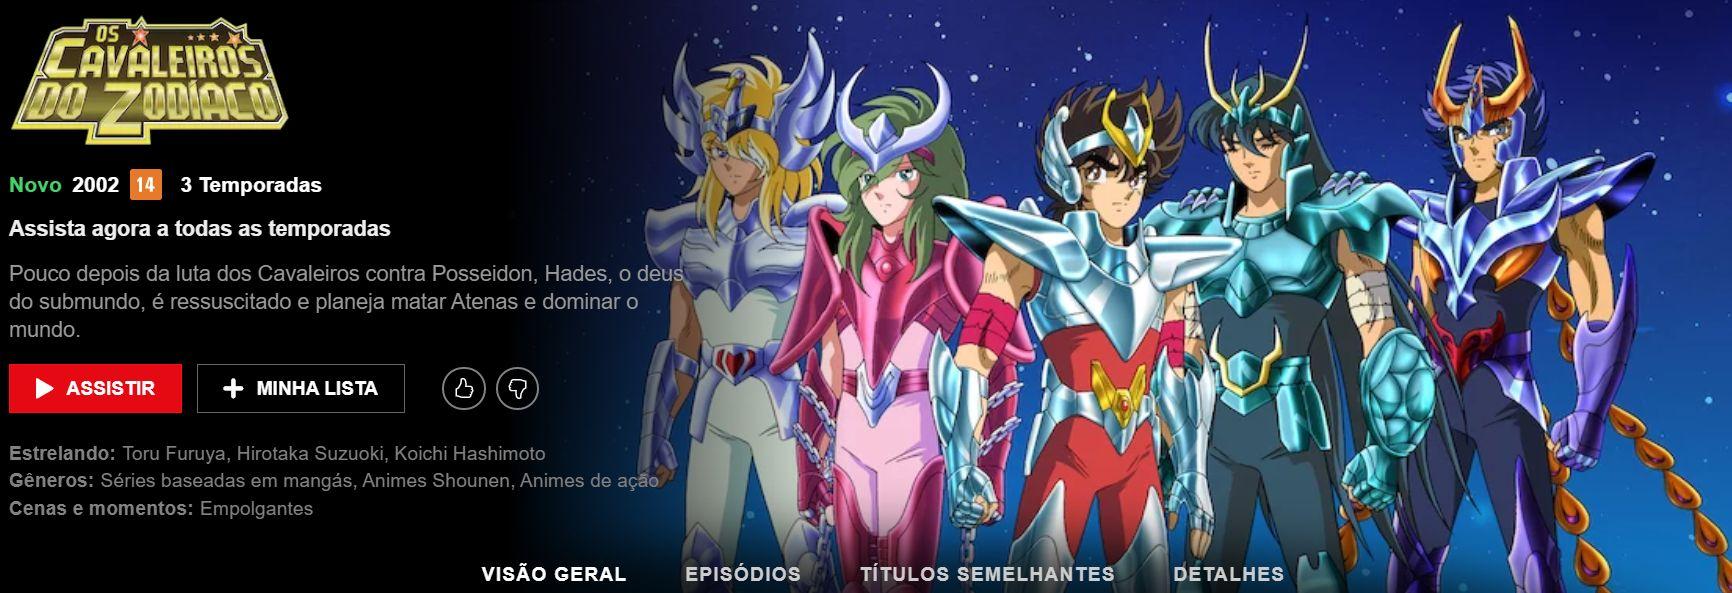 Cavaleiros do Zodiaco, Saga de Hades